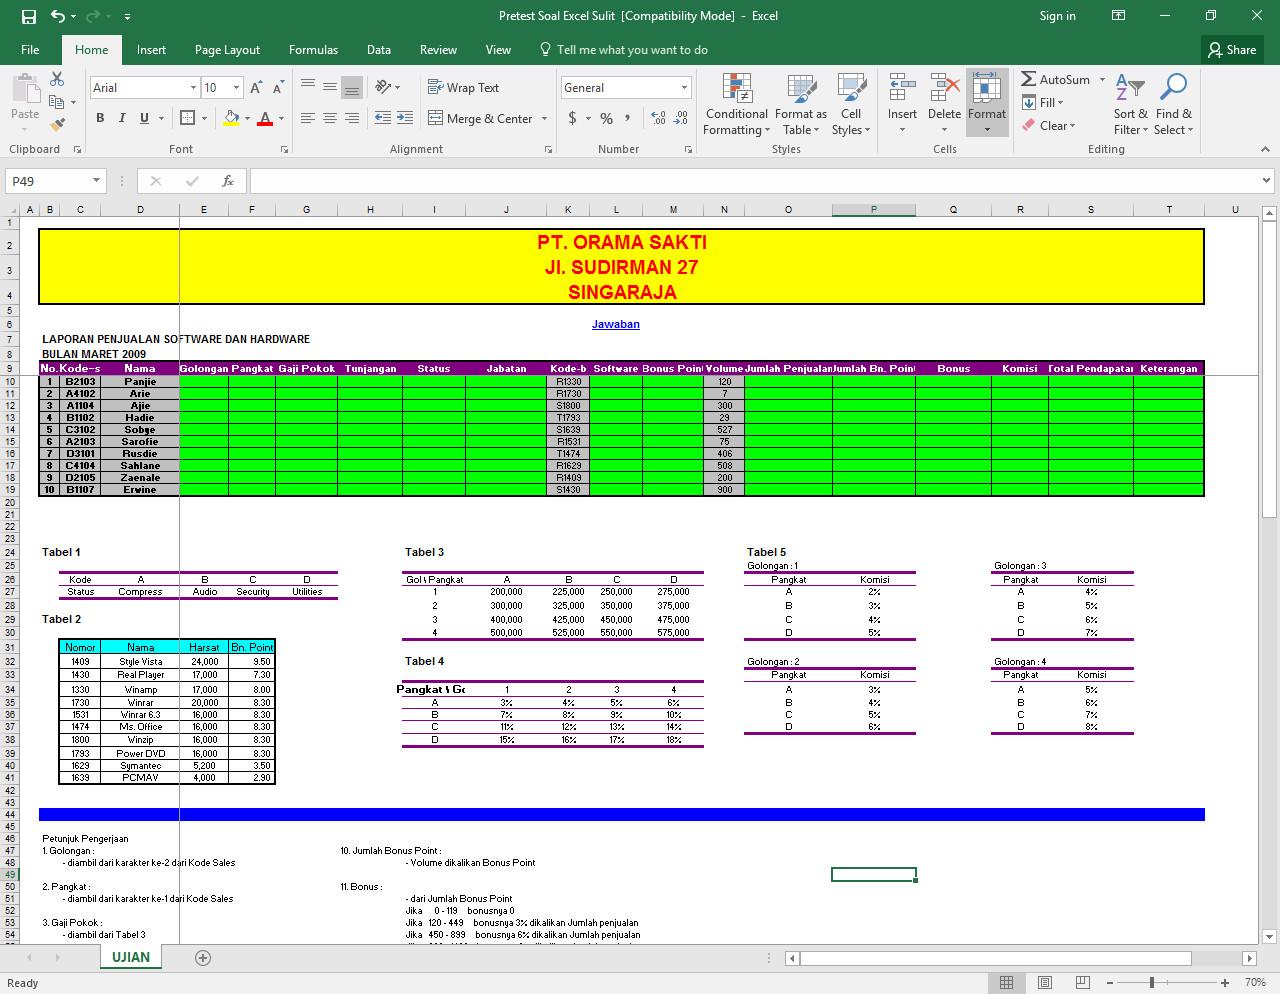 Soal Praktek Excel Dan Jawabannya Soal Praktek Microsoft